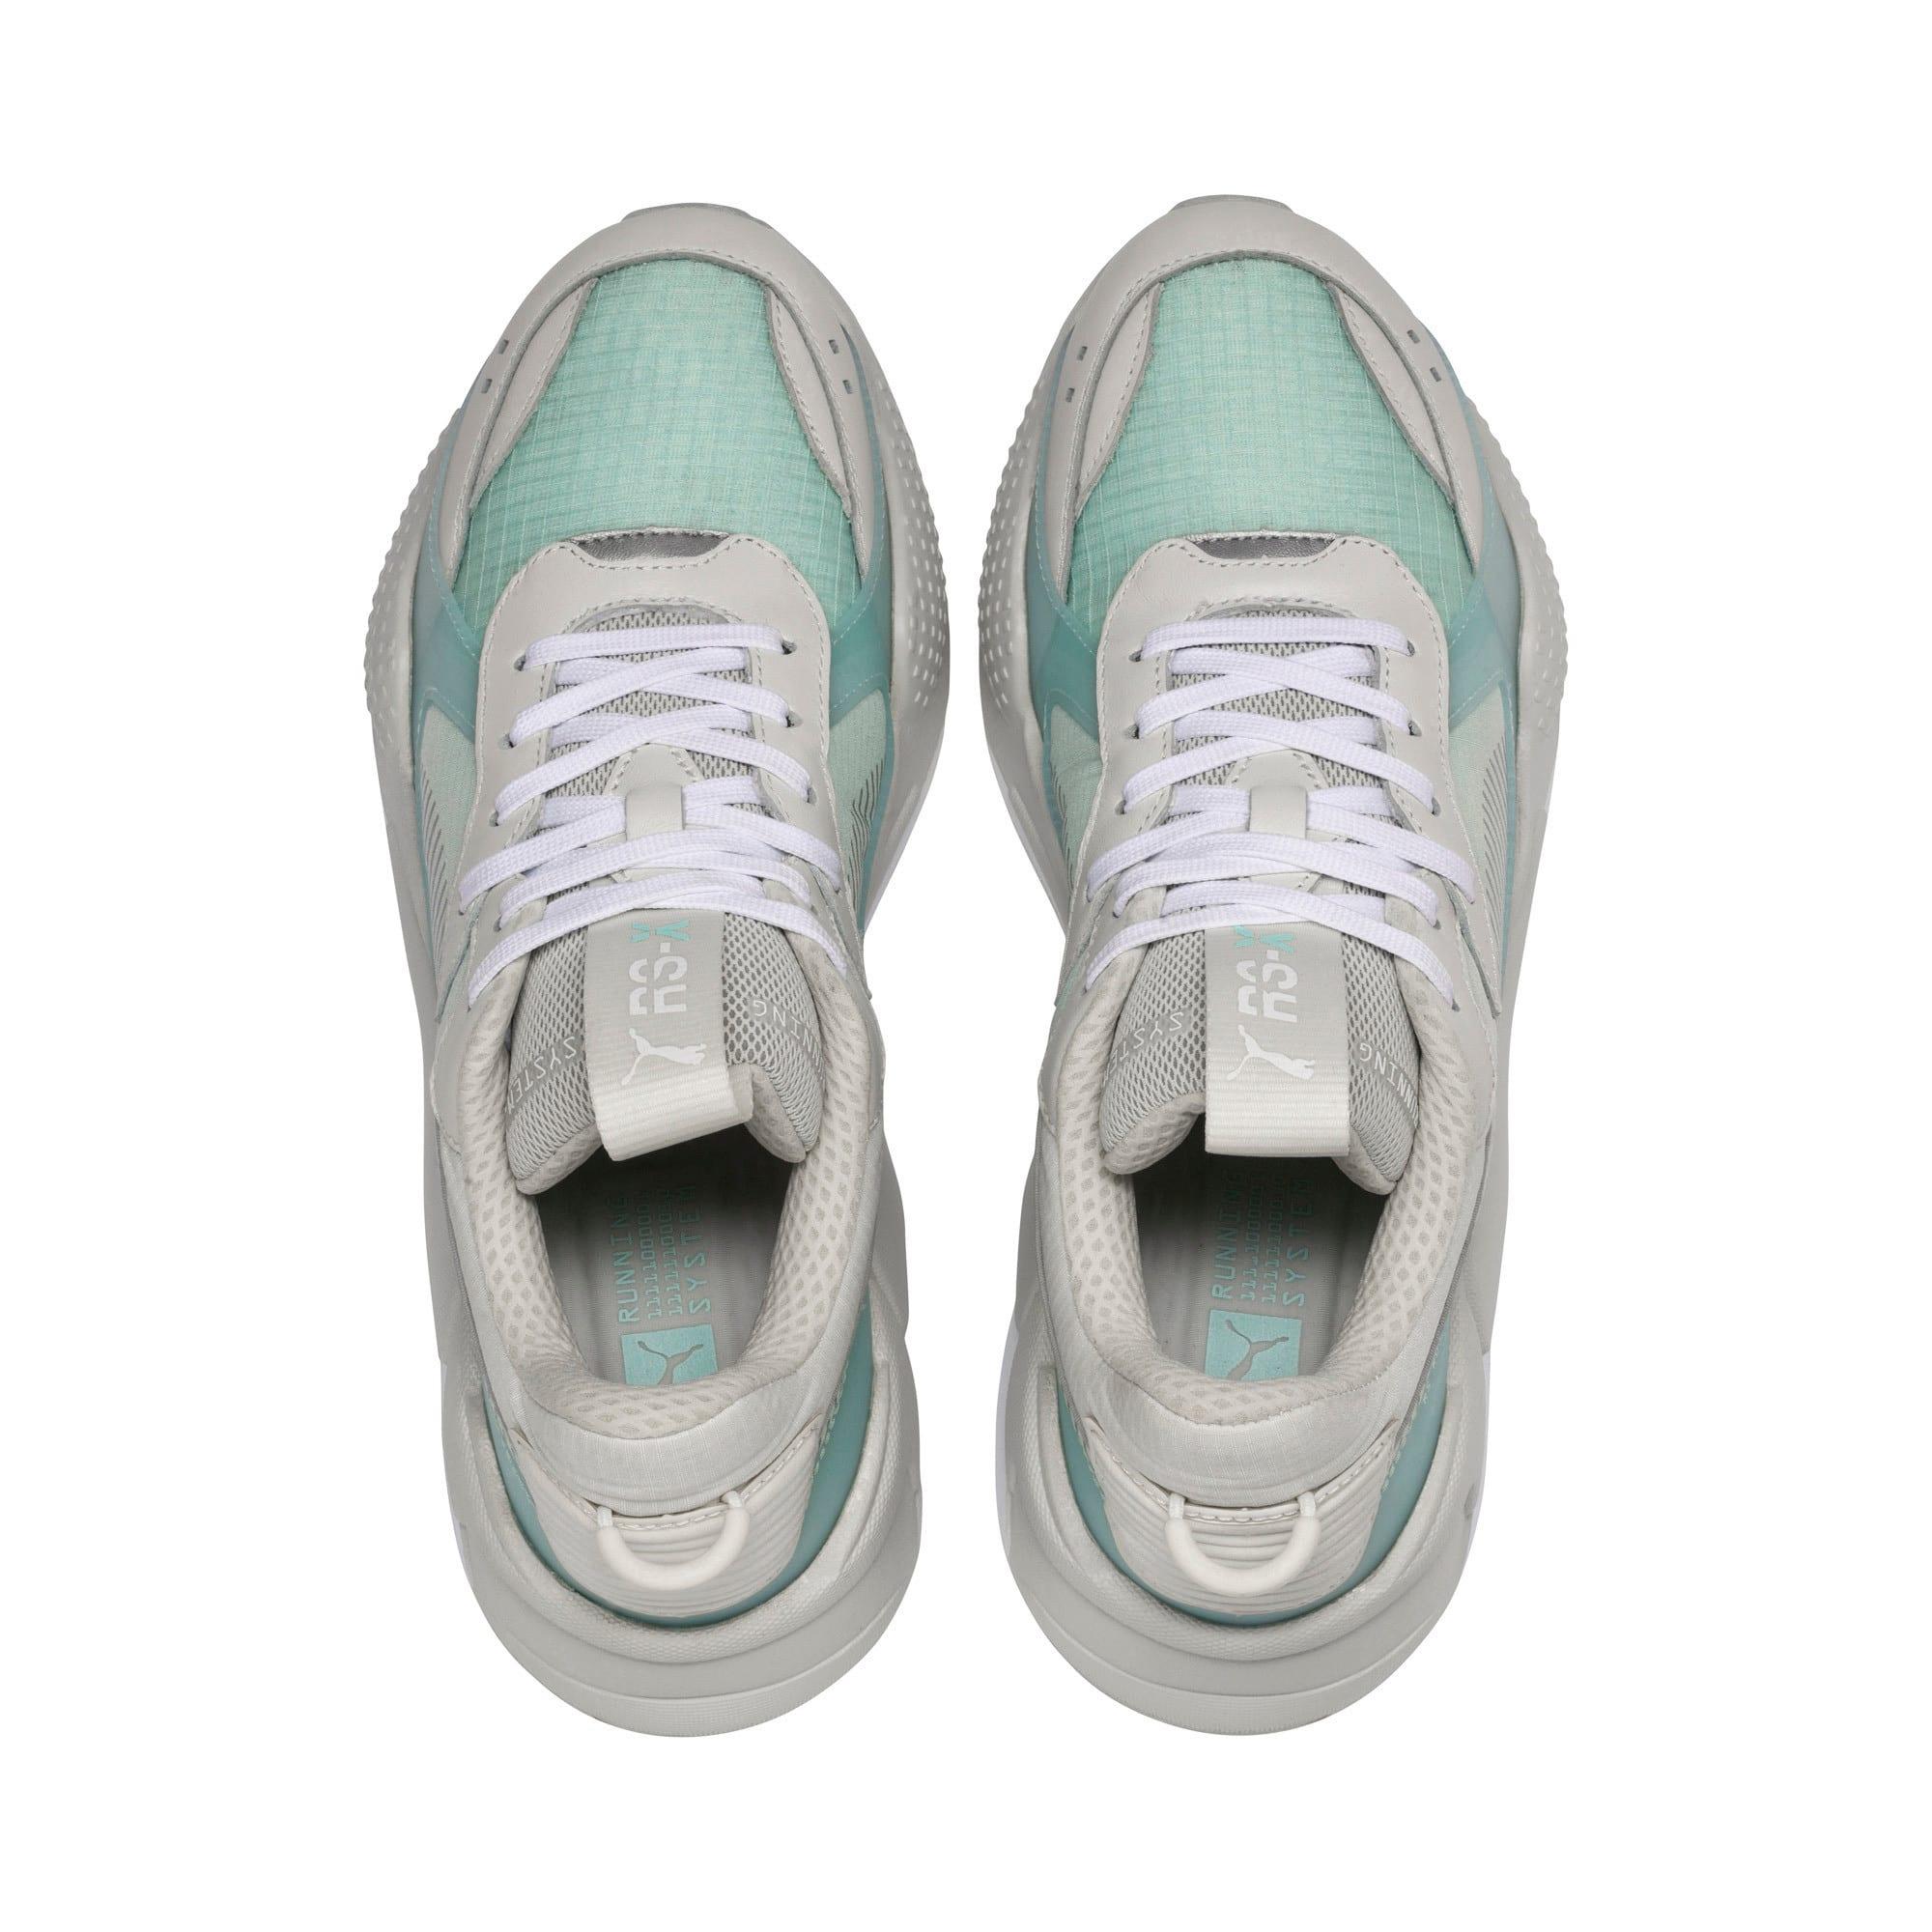 Thumbnail 6 of RS-X Tech Sneaker, Vaporous Gray-Fair Aqua, medium